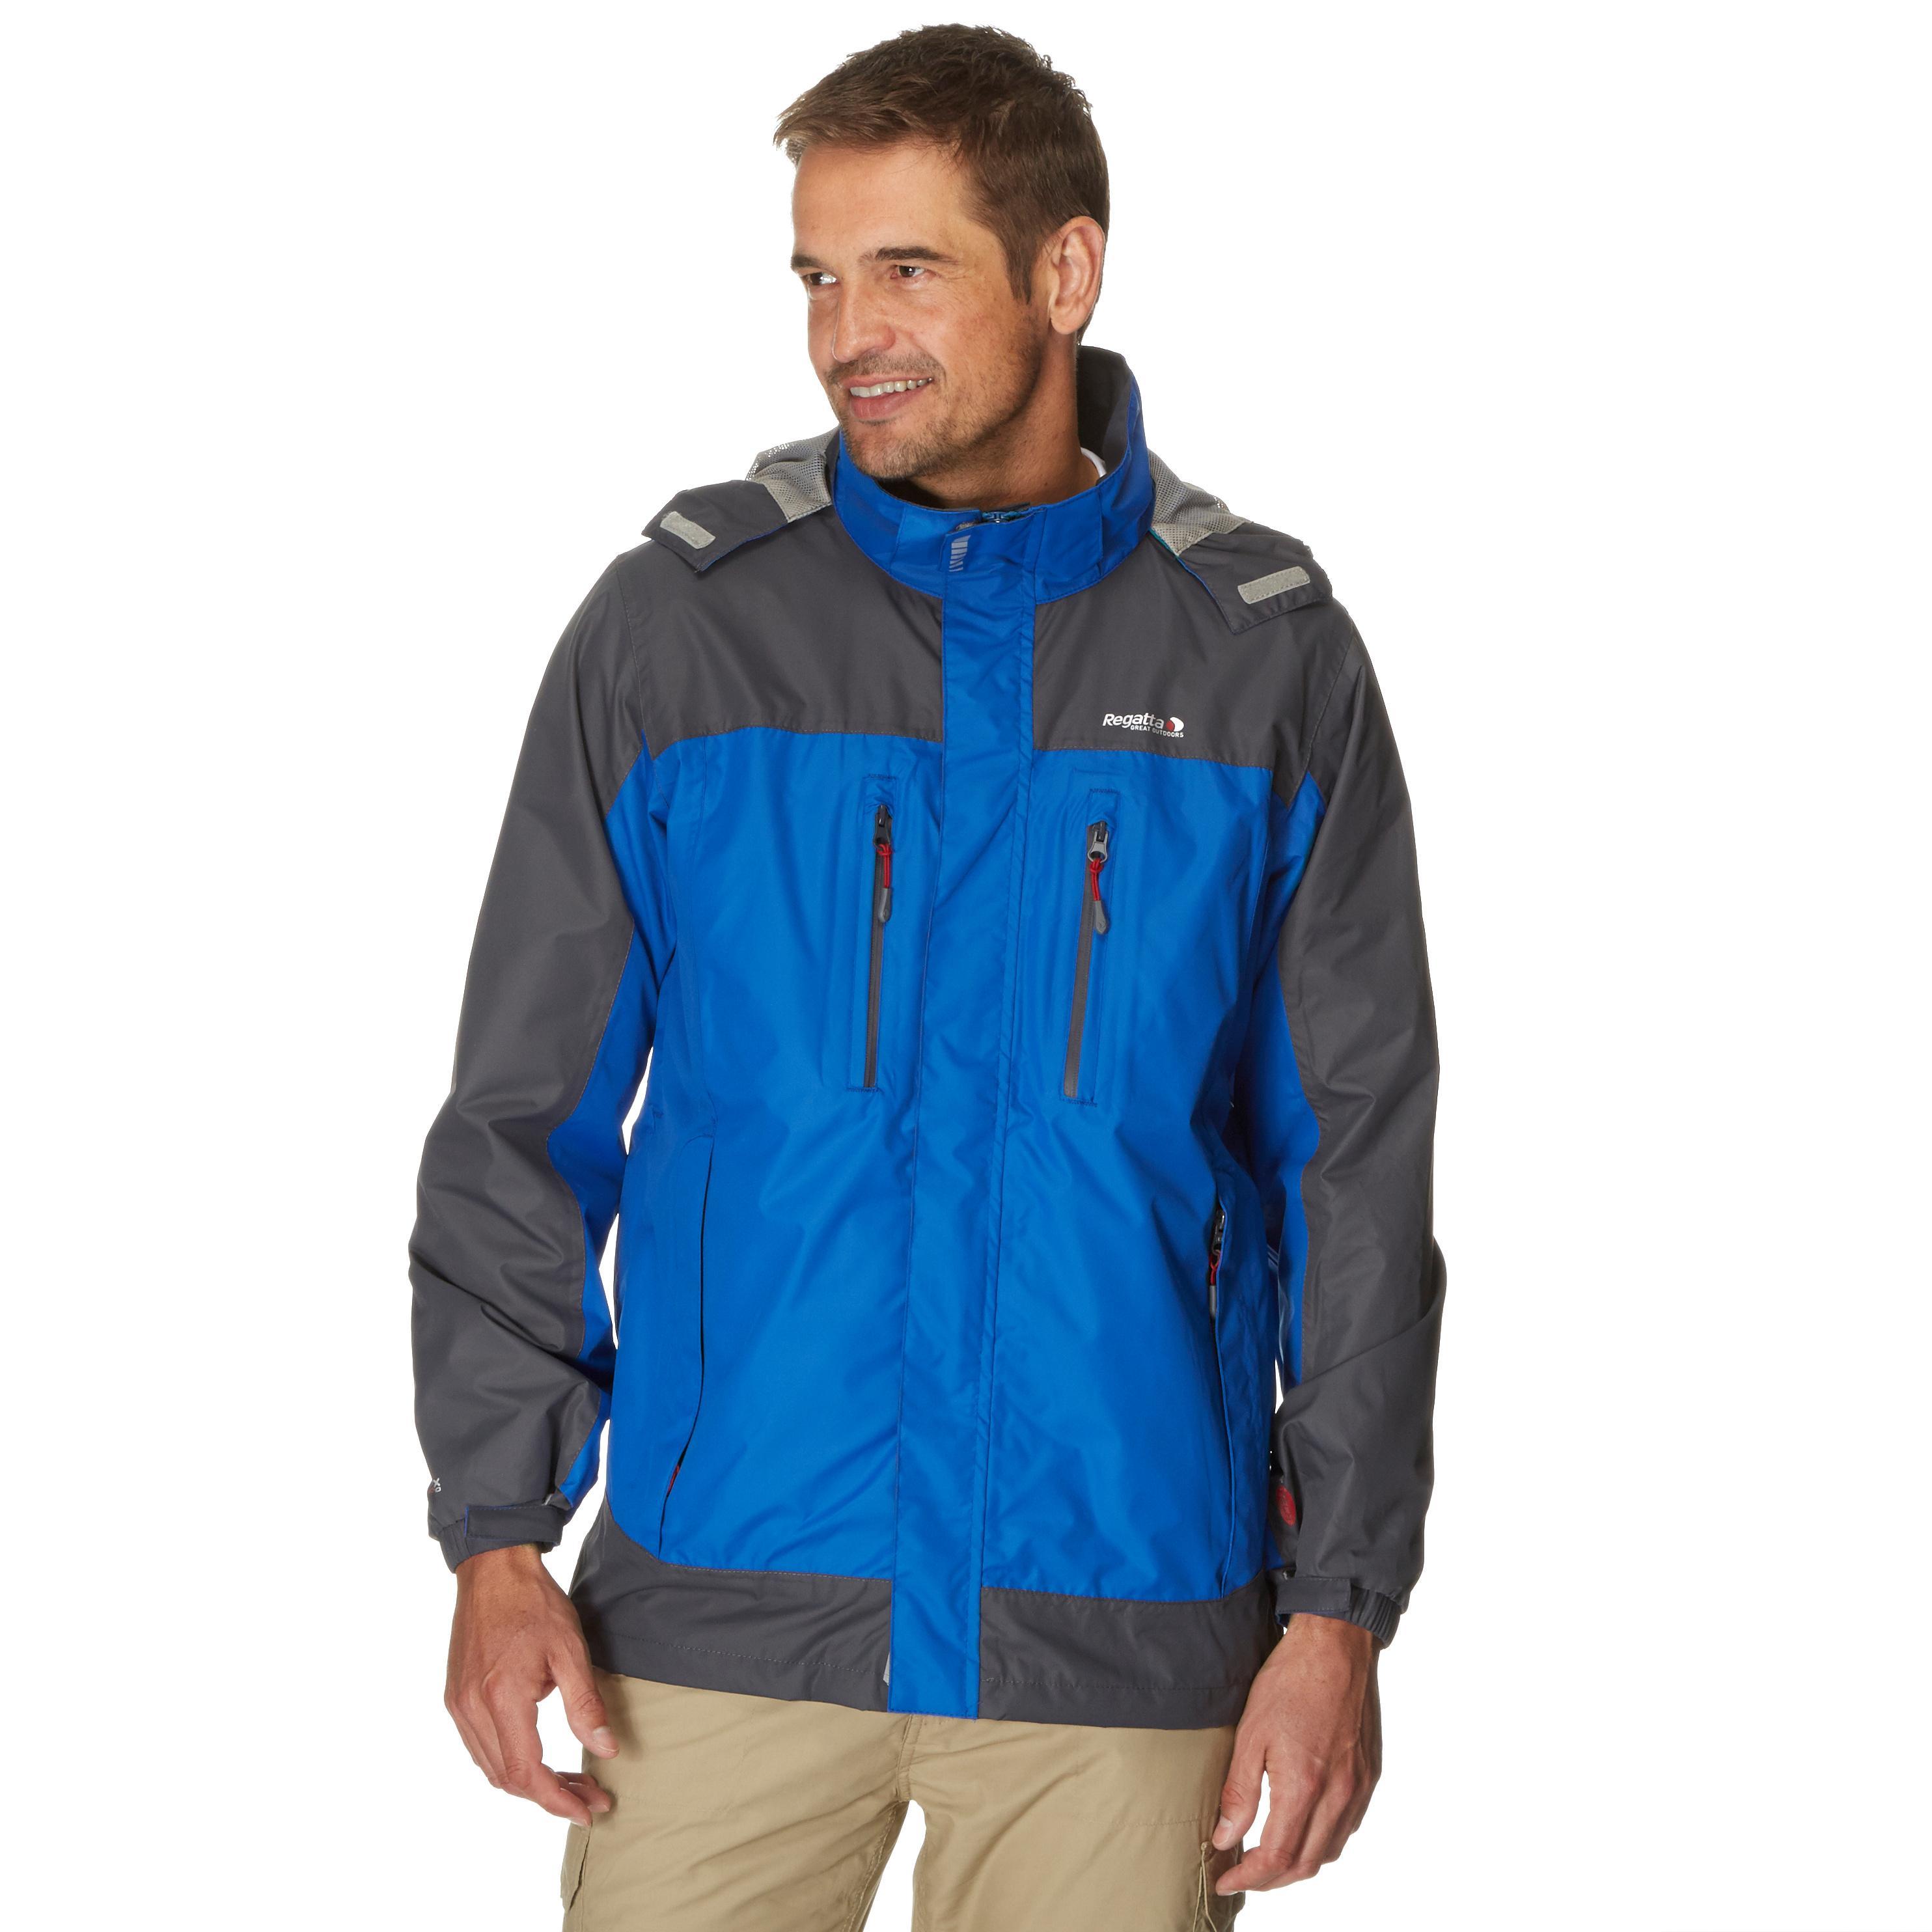 Mens regatta jacket - Mens Regatta Jacket 16